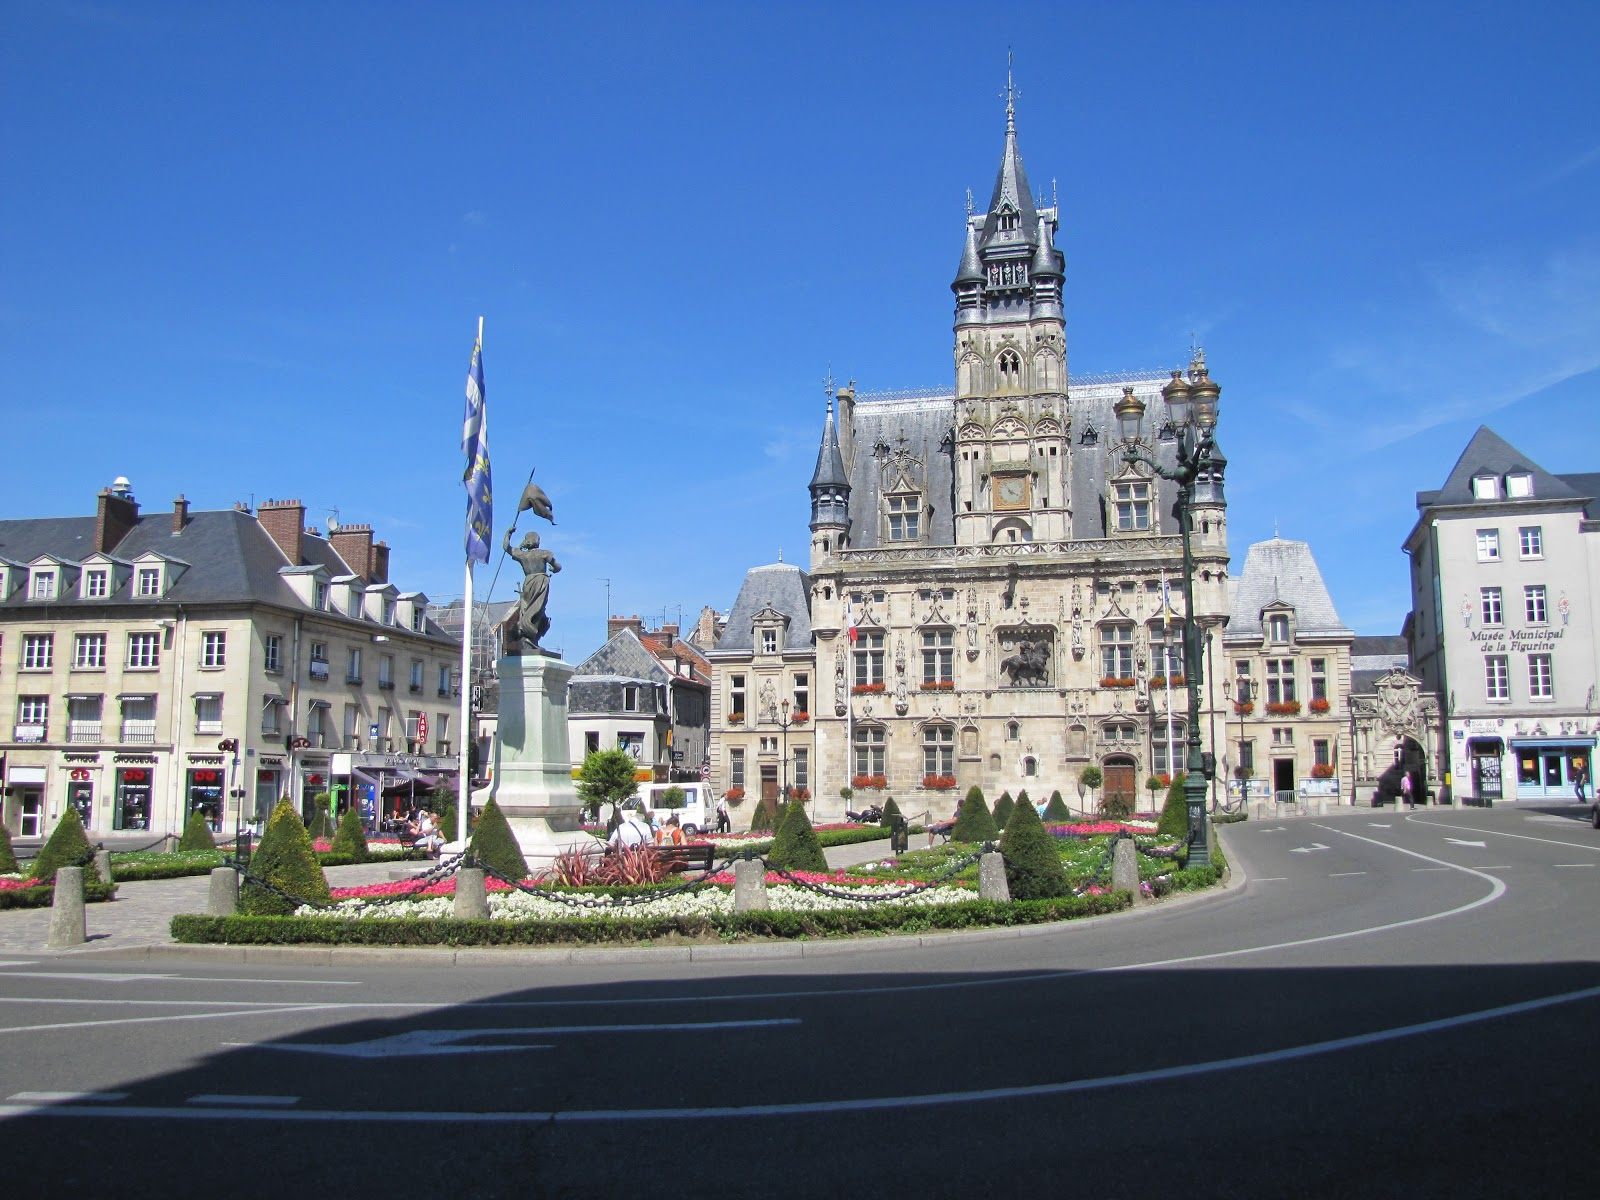 Nicole Bienvenue La France Les Premiers Jours Compi Gne